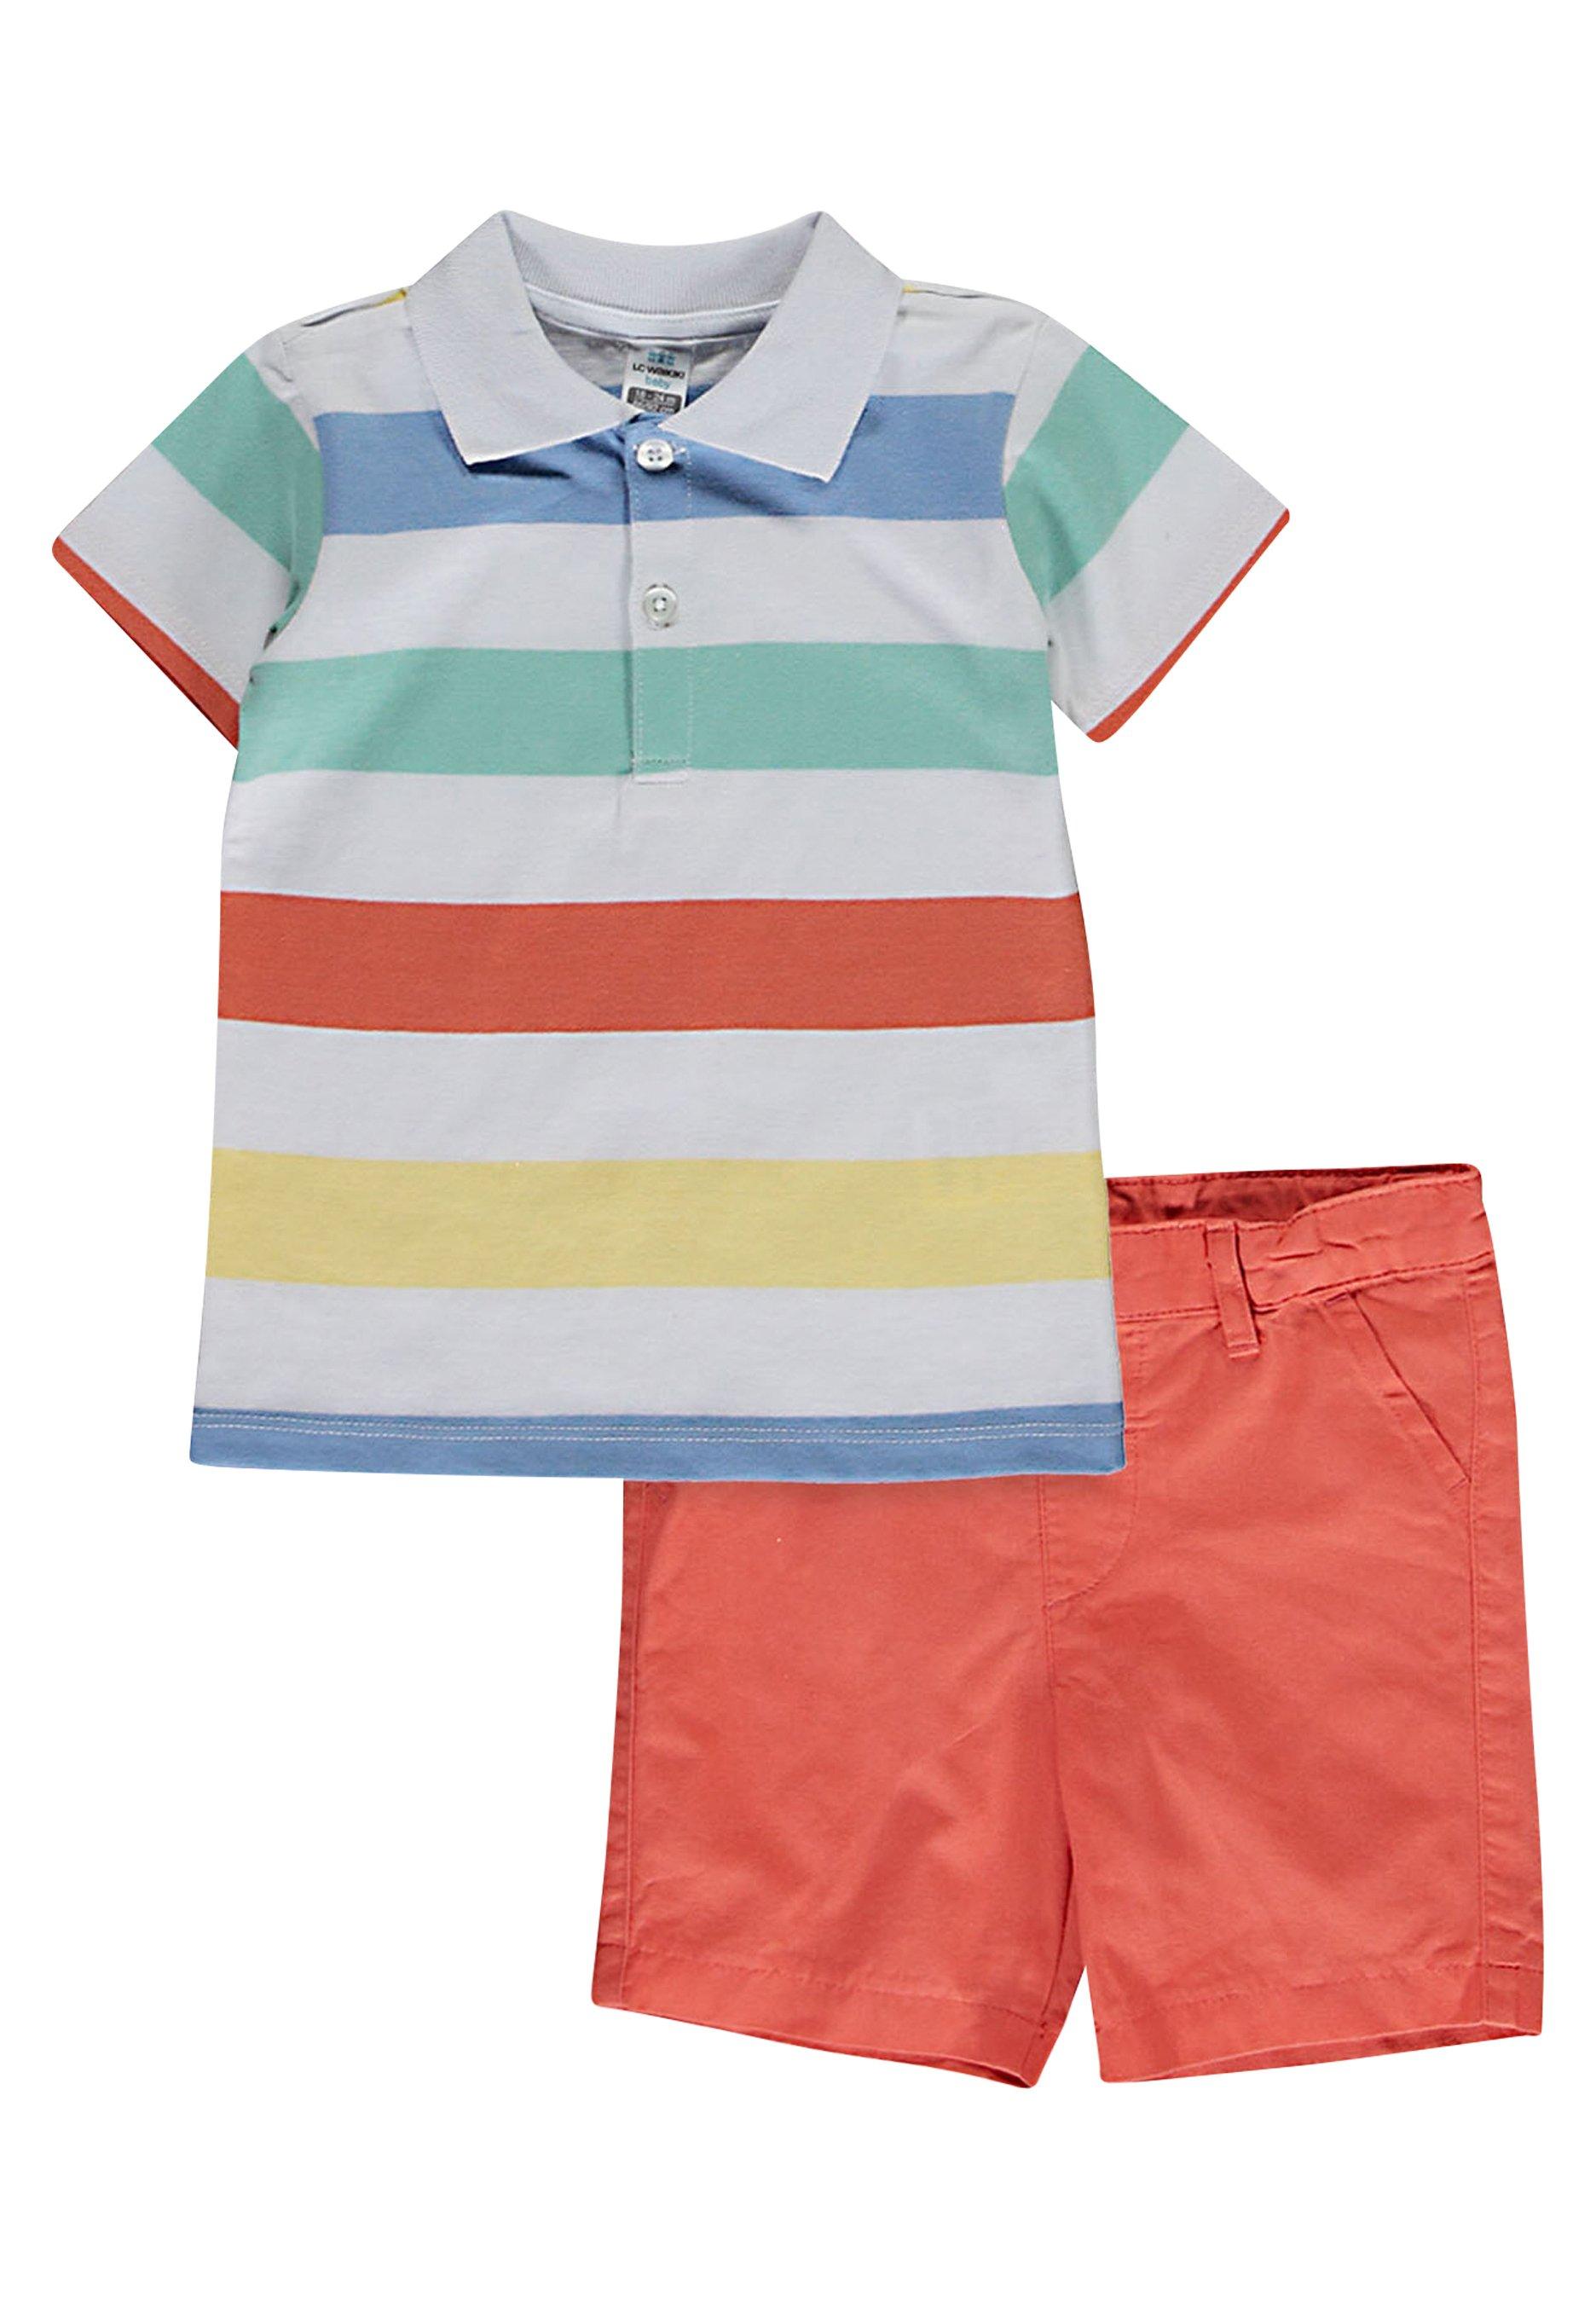 Kinder 2-TEILIG - Shorts